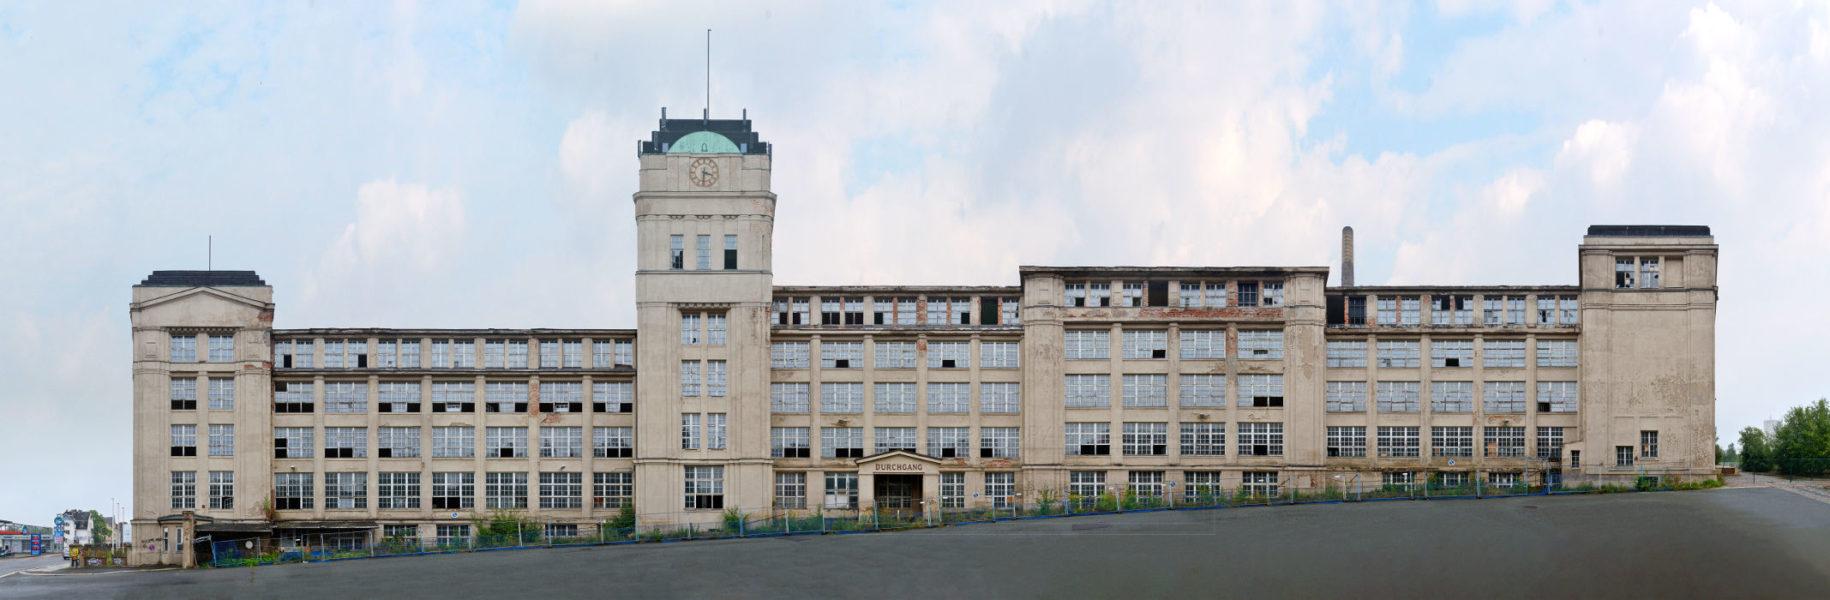 Wanderer Werke | Industriearchitektur